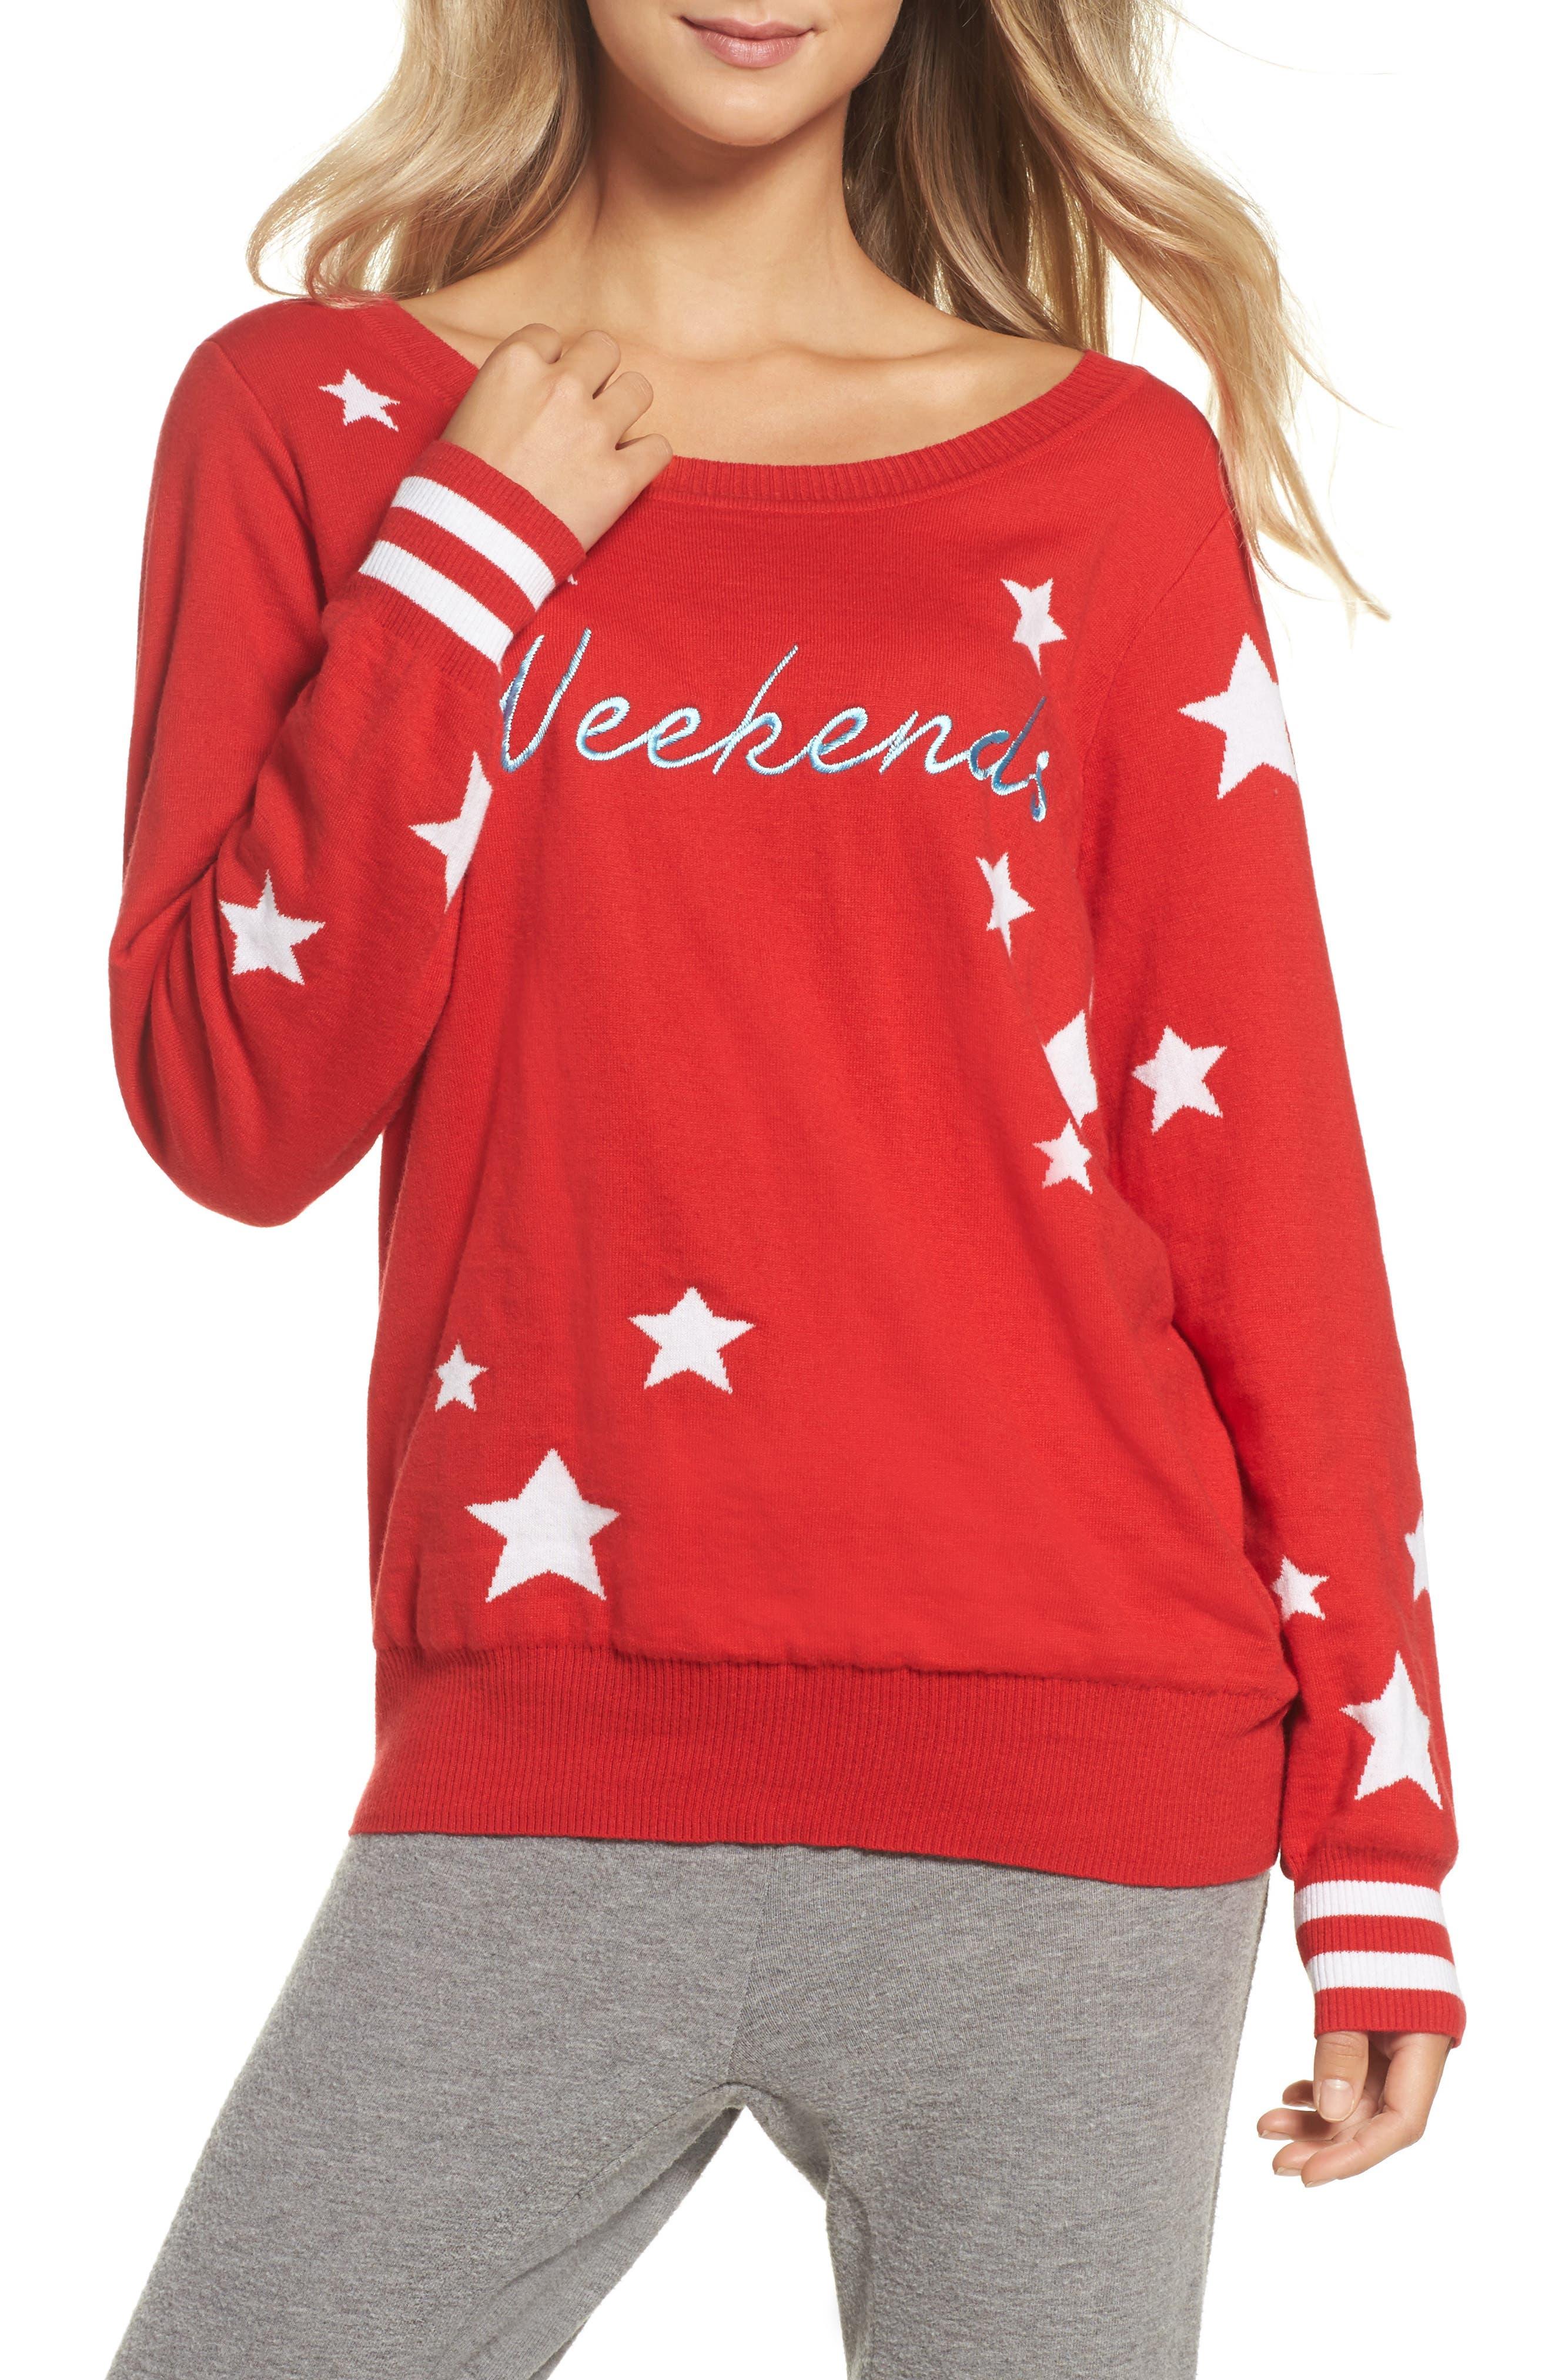 Weekends Intarsia Sweater,                             Main thumbnail 1, color,                             Cardinal